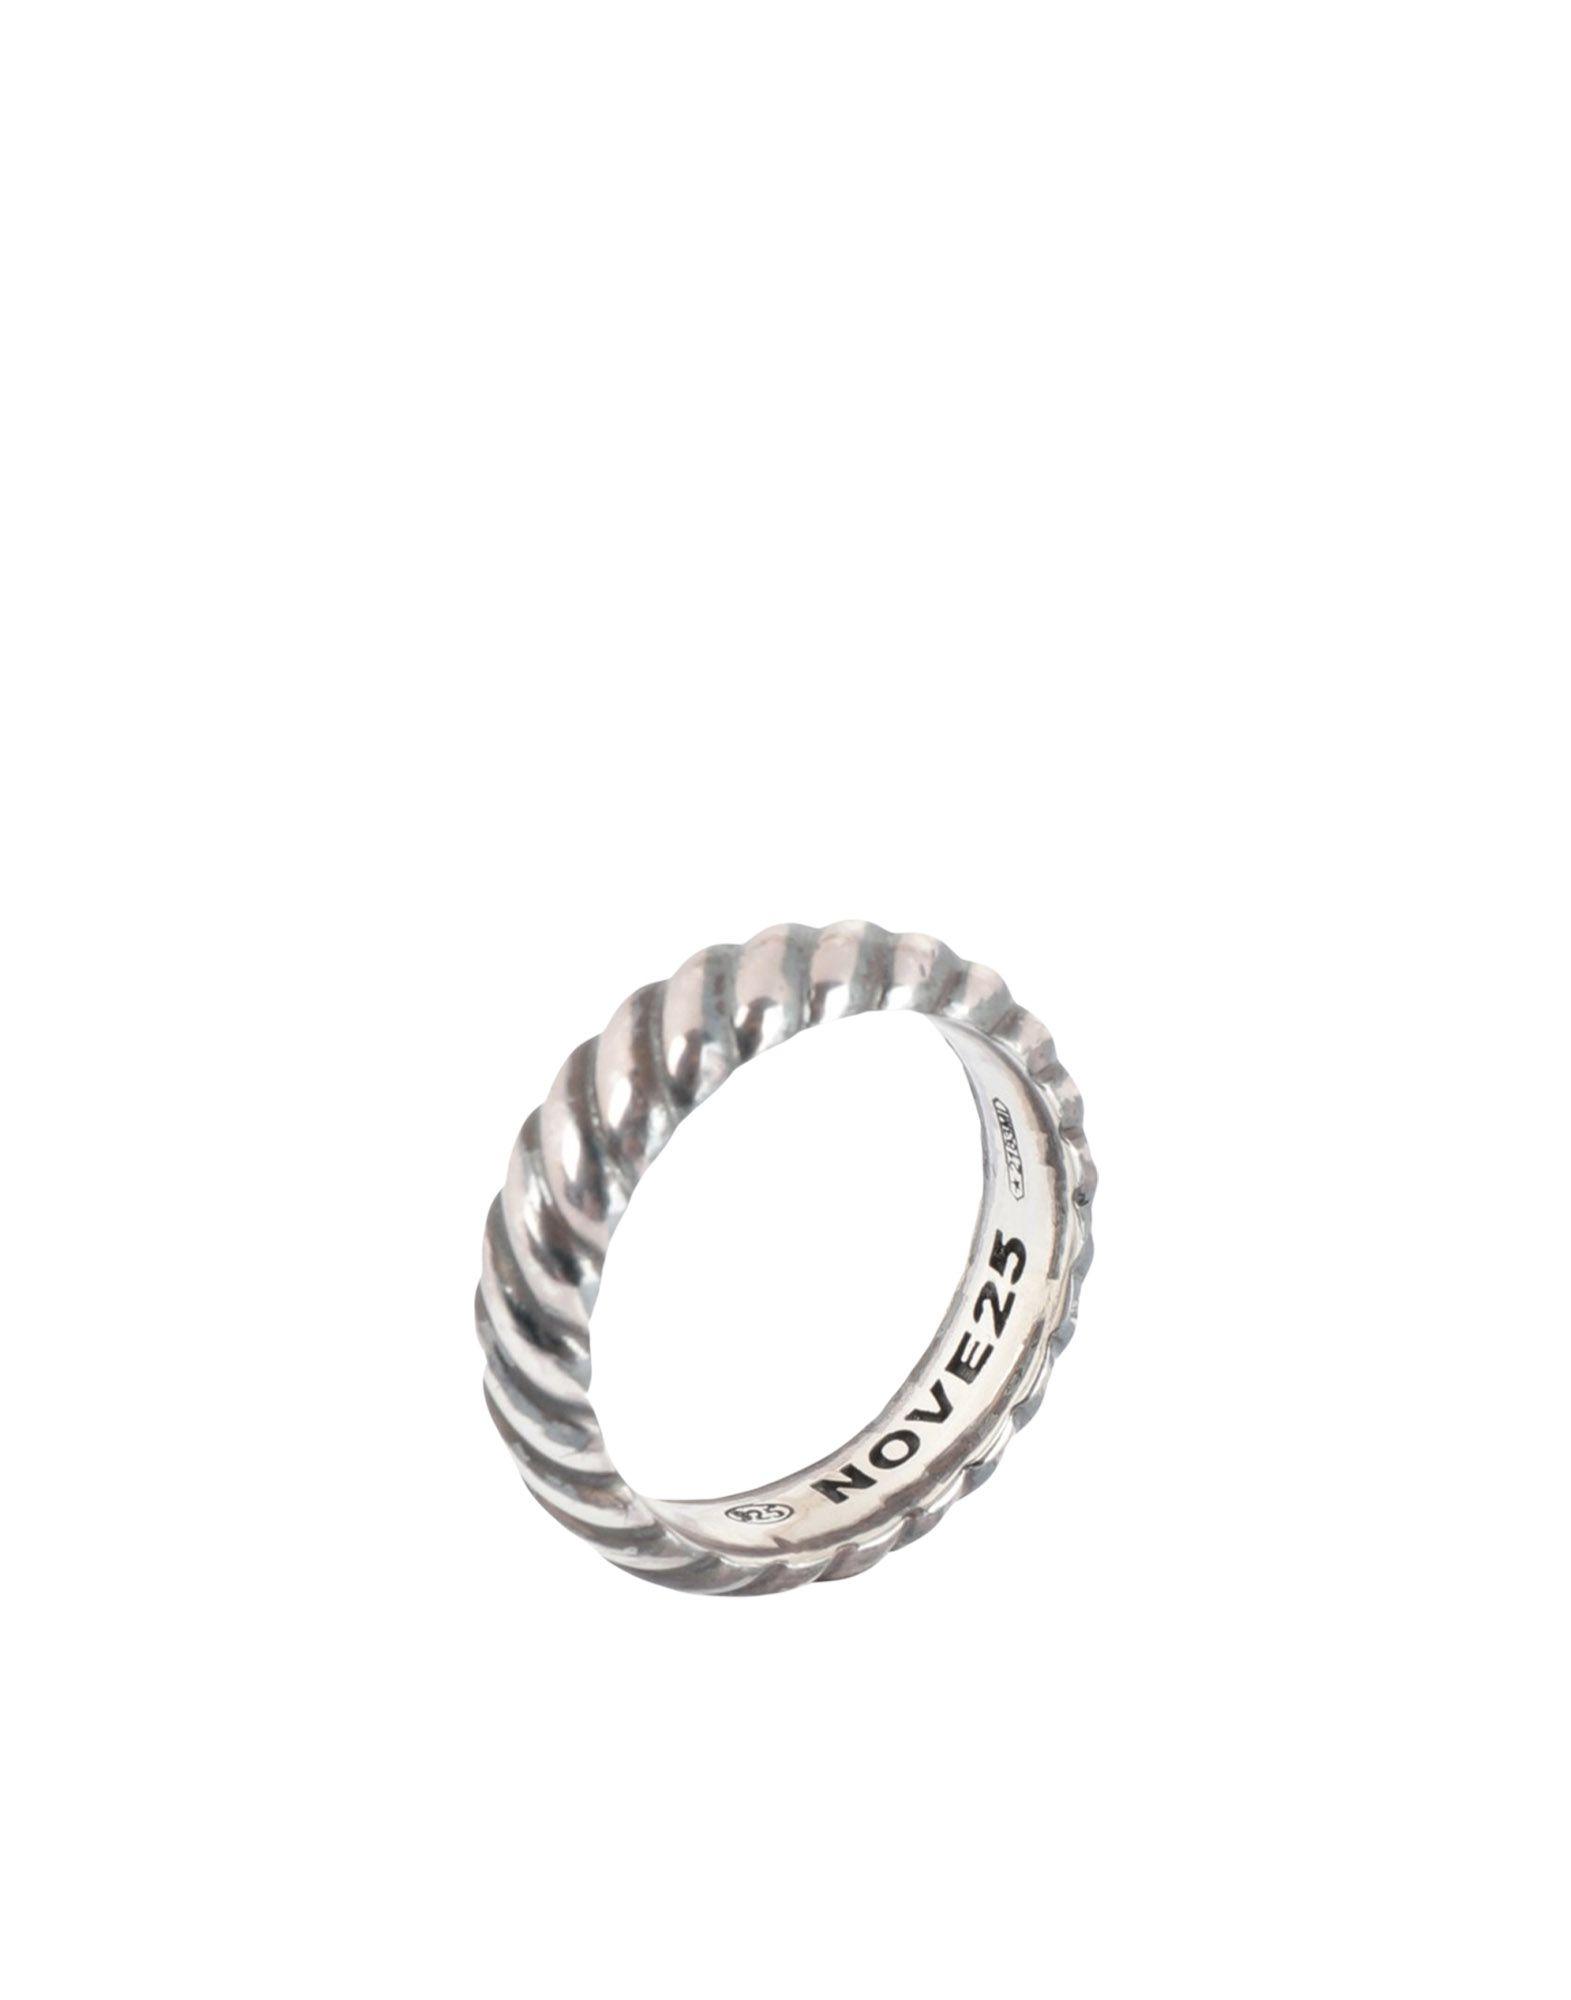 《期間限定 セール開催中》NOVE25 レディース 指輪 シルバー 12 シルバー925/1000 TORCHON FINE RING